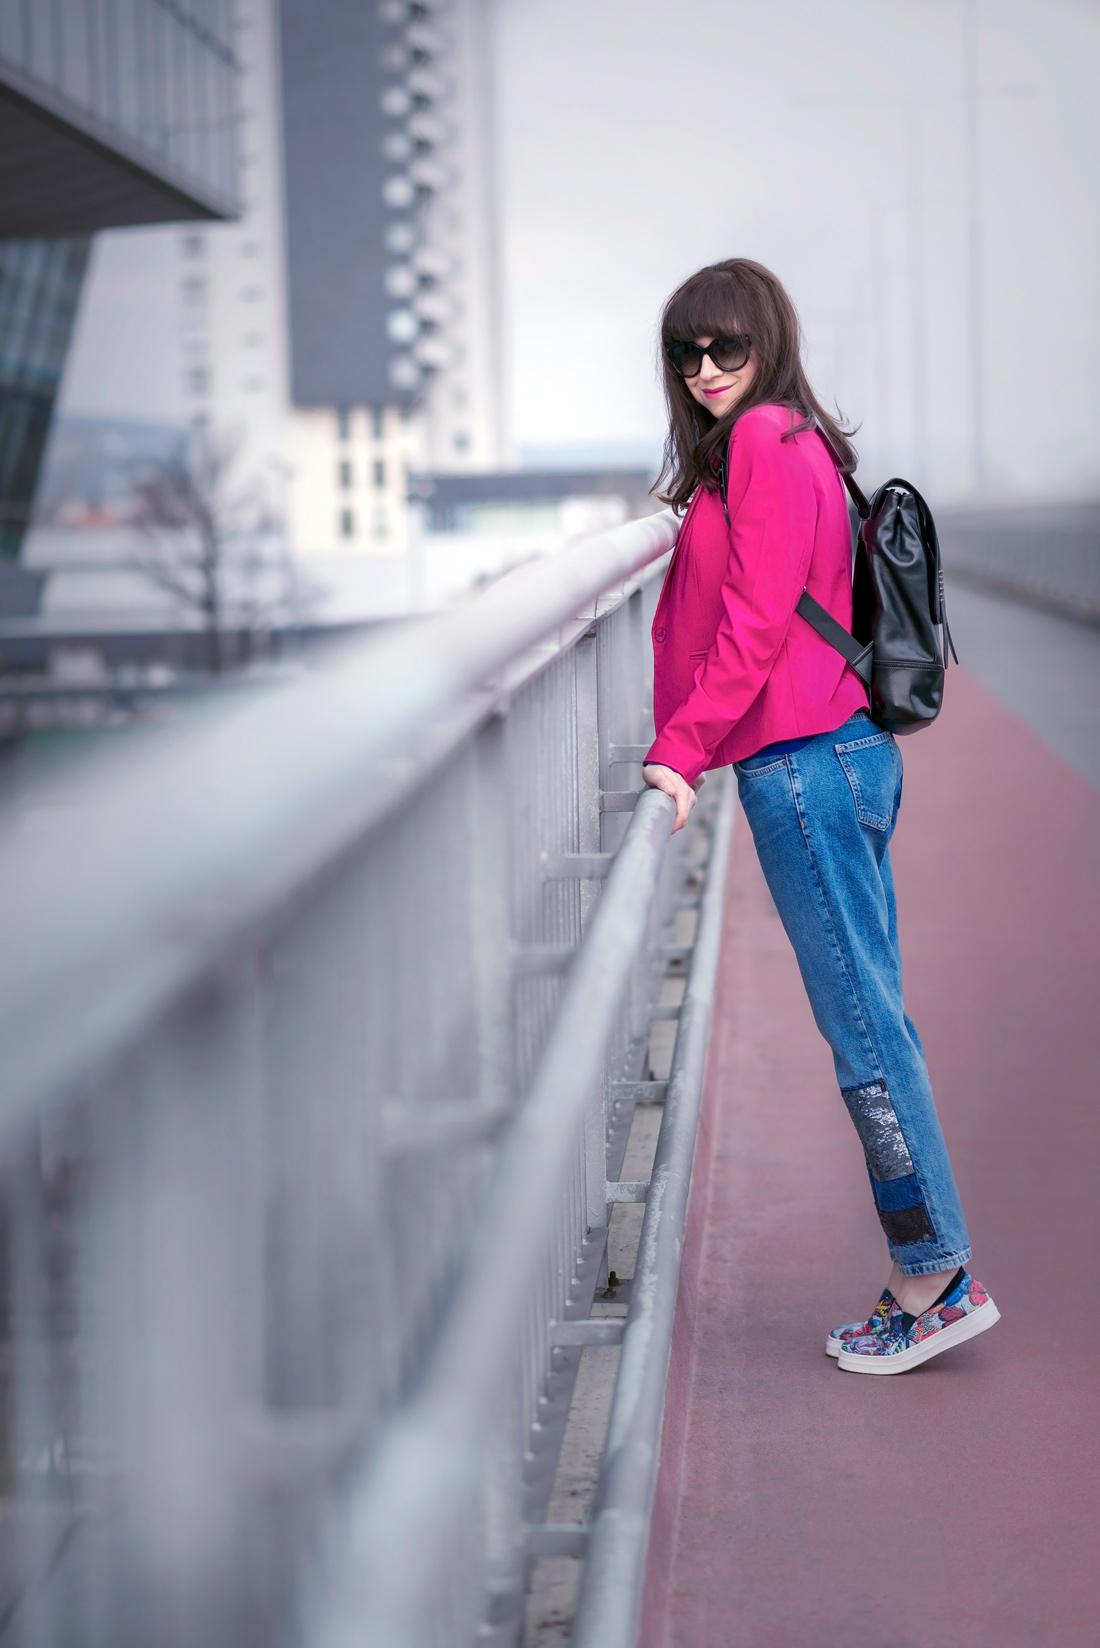 OUTFITOM KU ŠŤASTIU_Katharine-fashion is beautiful_Blog 1_Ružové sako_Flitrované džínsy Zara_Kožený vak Nucelle JEJ_Farebné slipony_Katarína Jakubčová_Fashion blooger